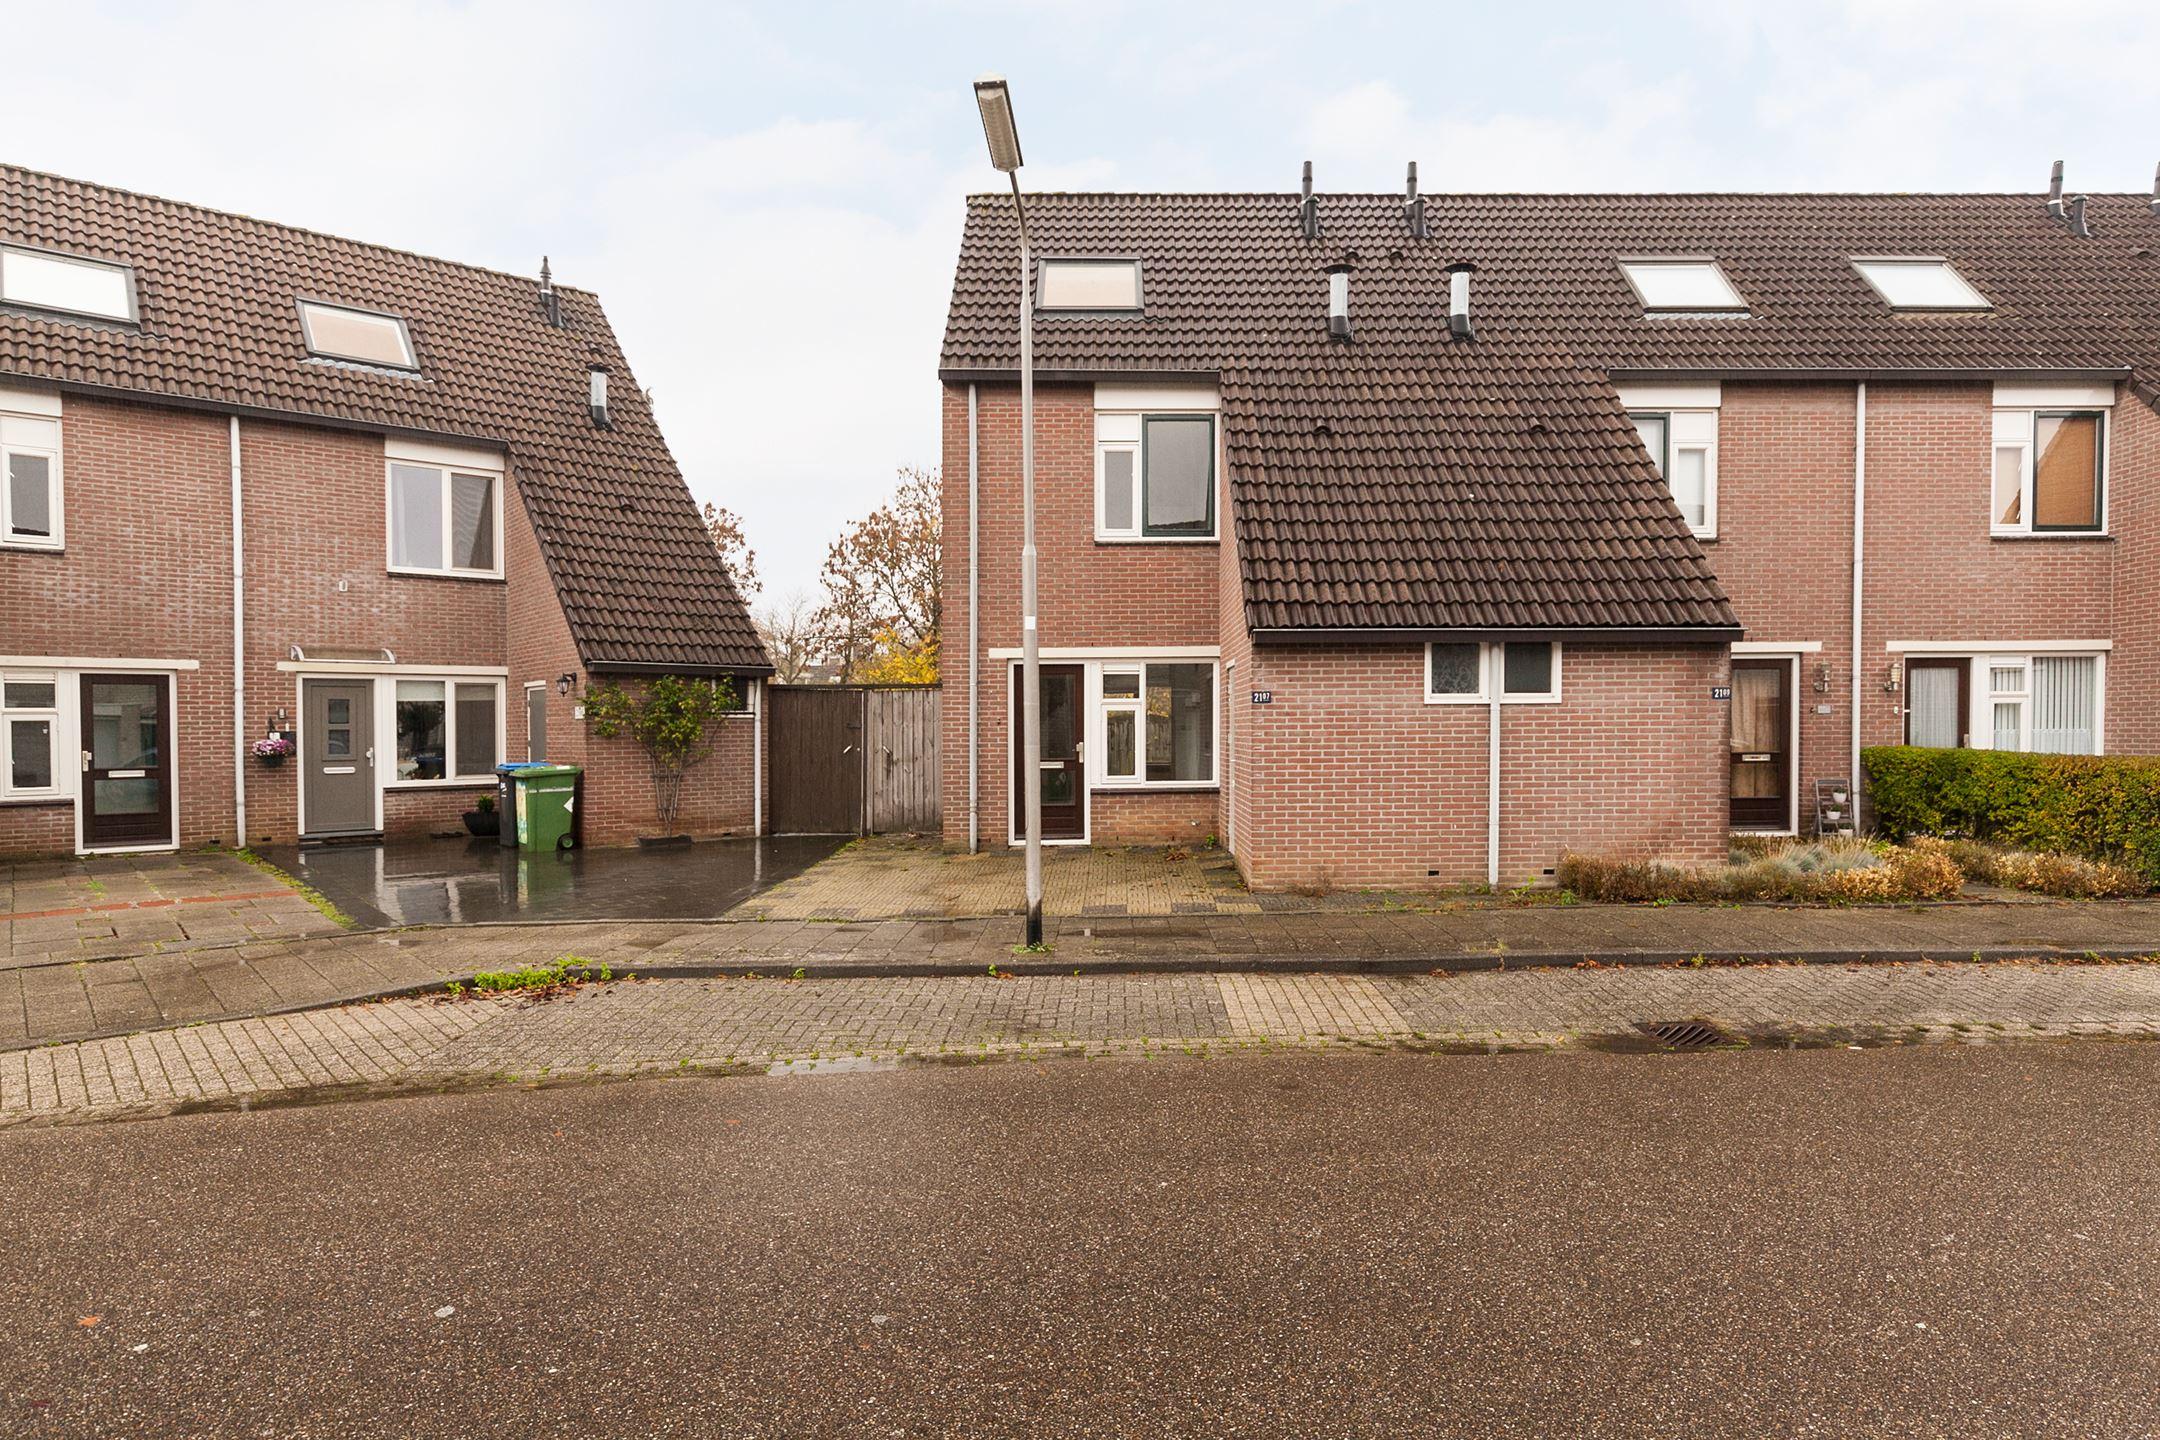 Huis te koop horstacker 2107 6546 ge nijmegen funda for Huis te koop in nijmegen